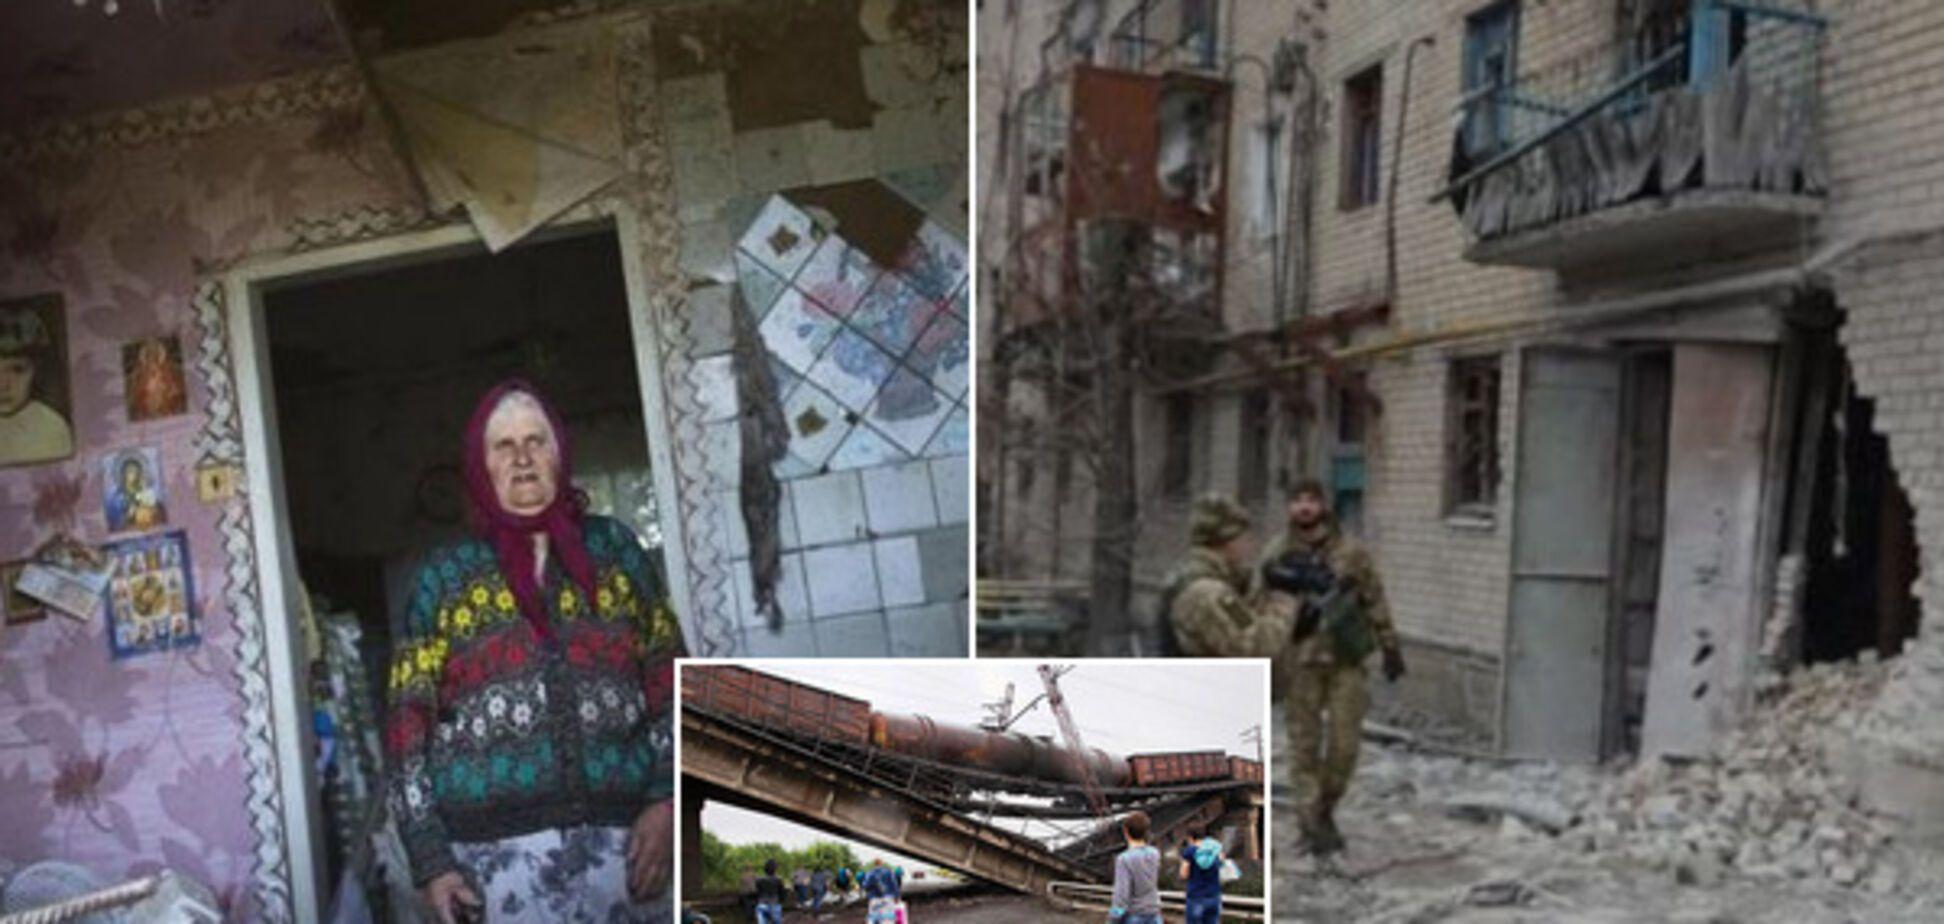 Льготы и АТОшники: озвучен залог восстановления Донбасса